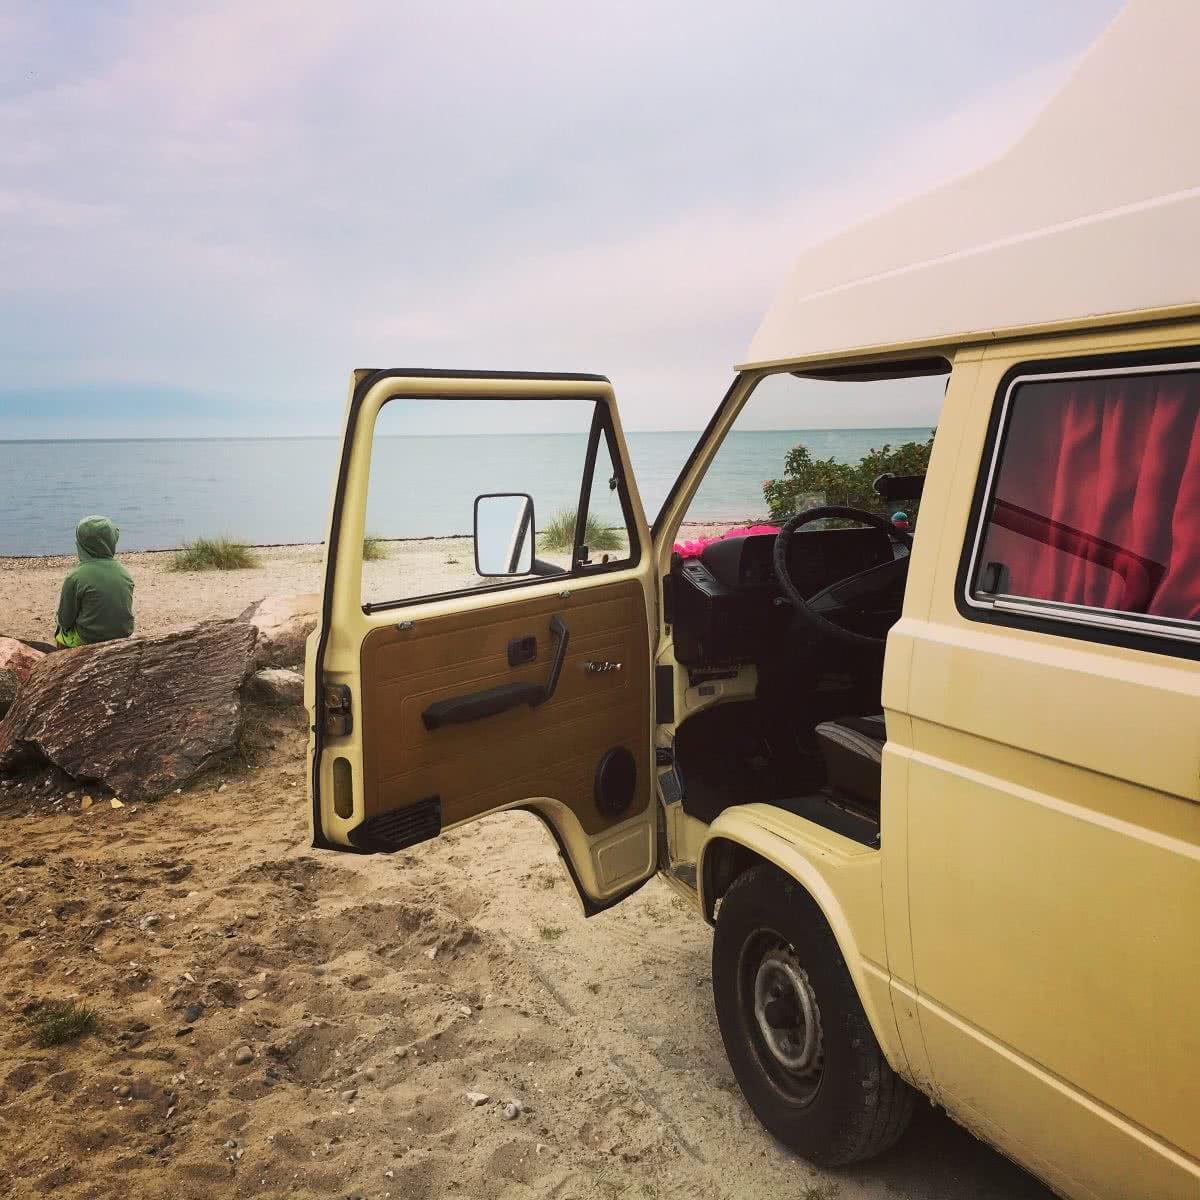 Instagram: leopoldsreisen